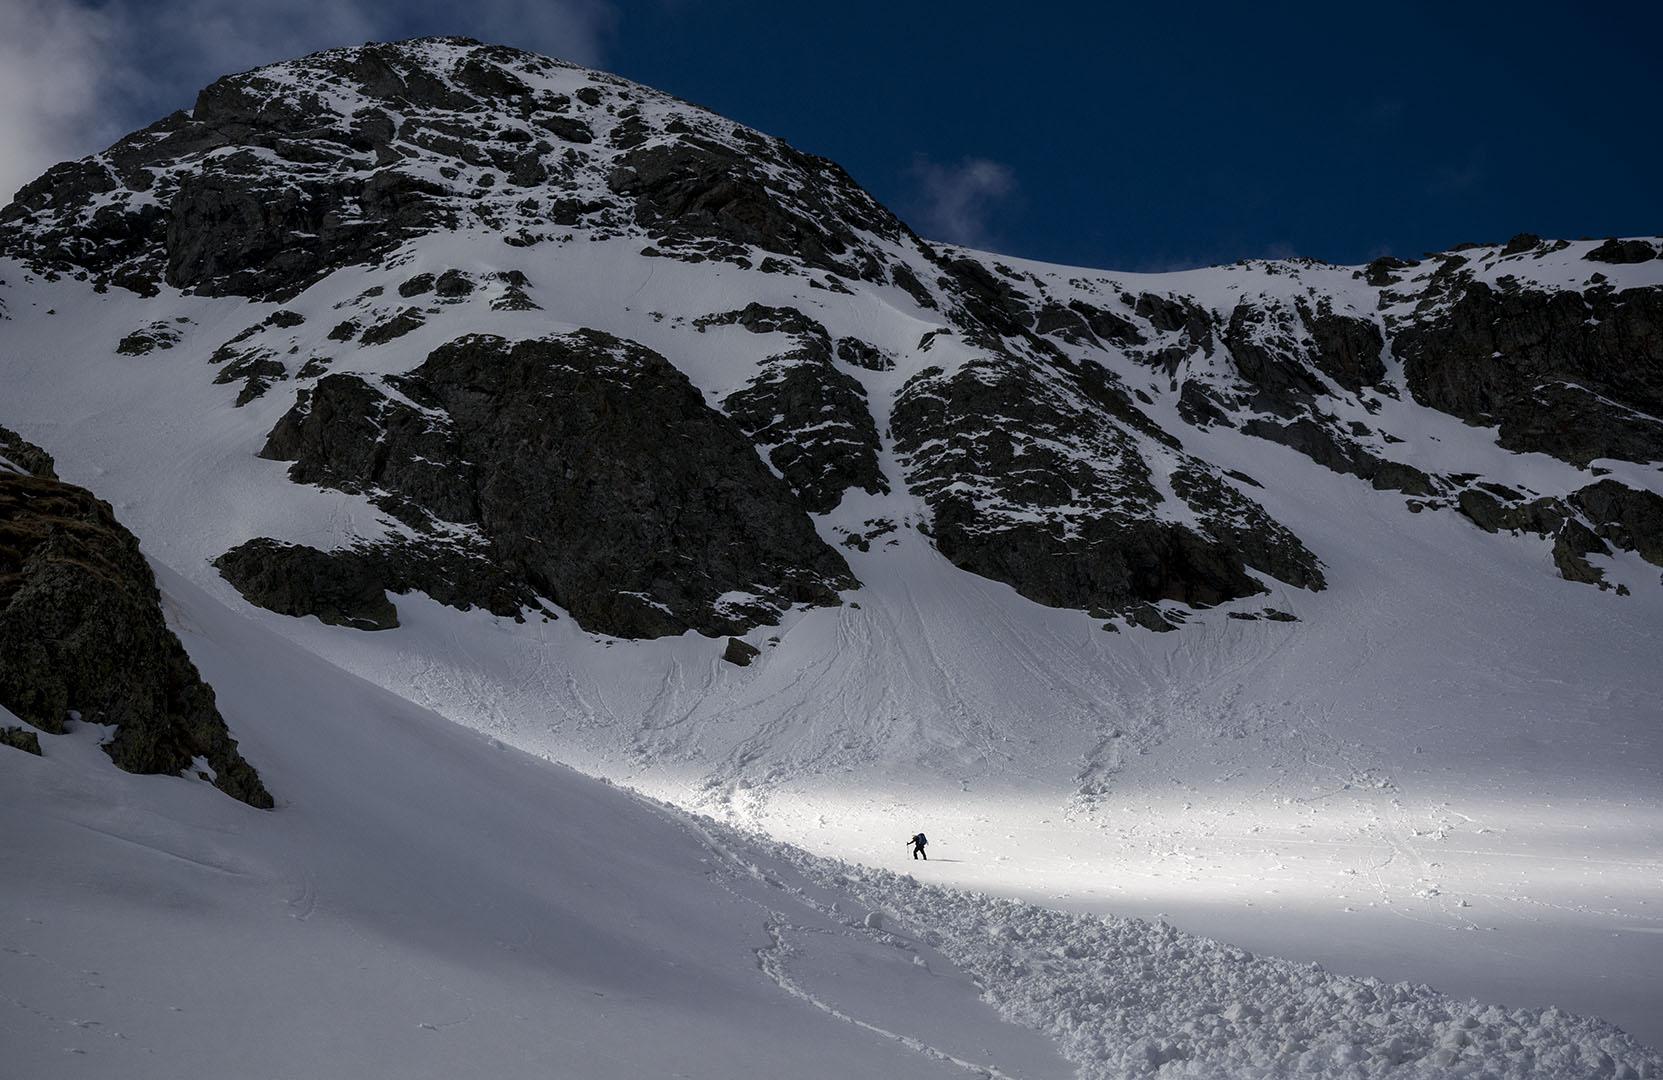 hacia la luz - Deportes y aventuras - Inaki Larrea, Nature and mountains Photography